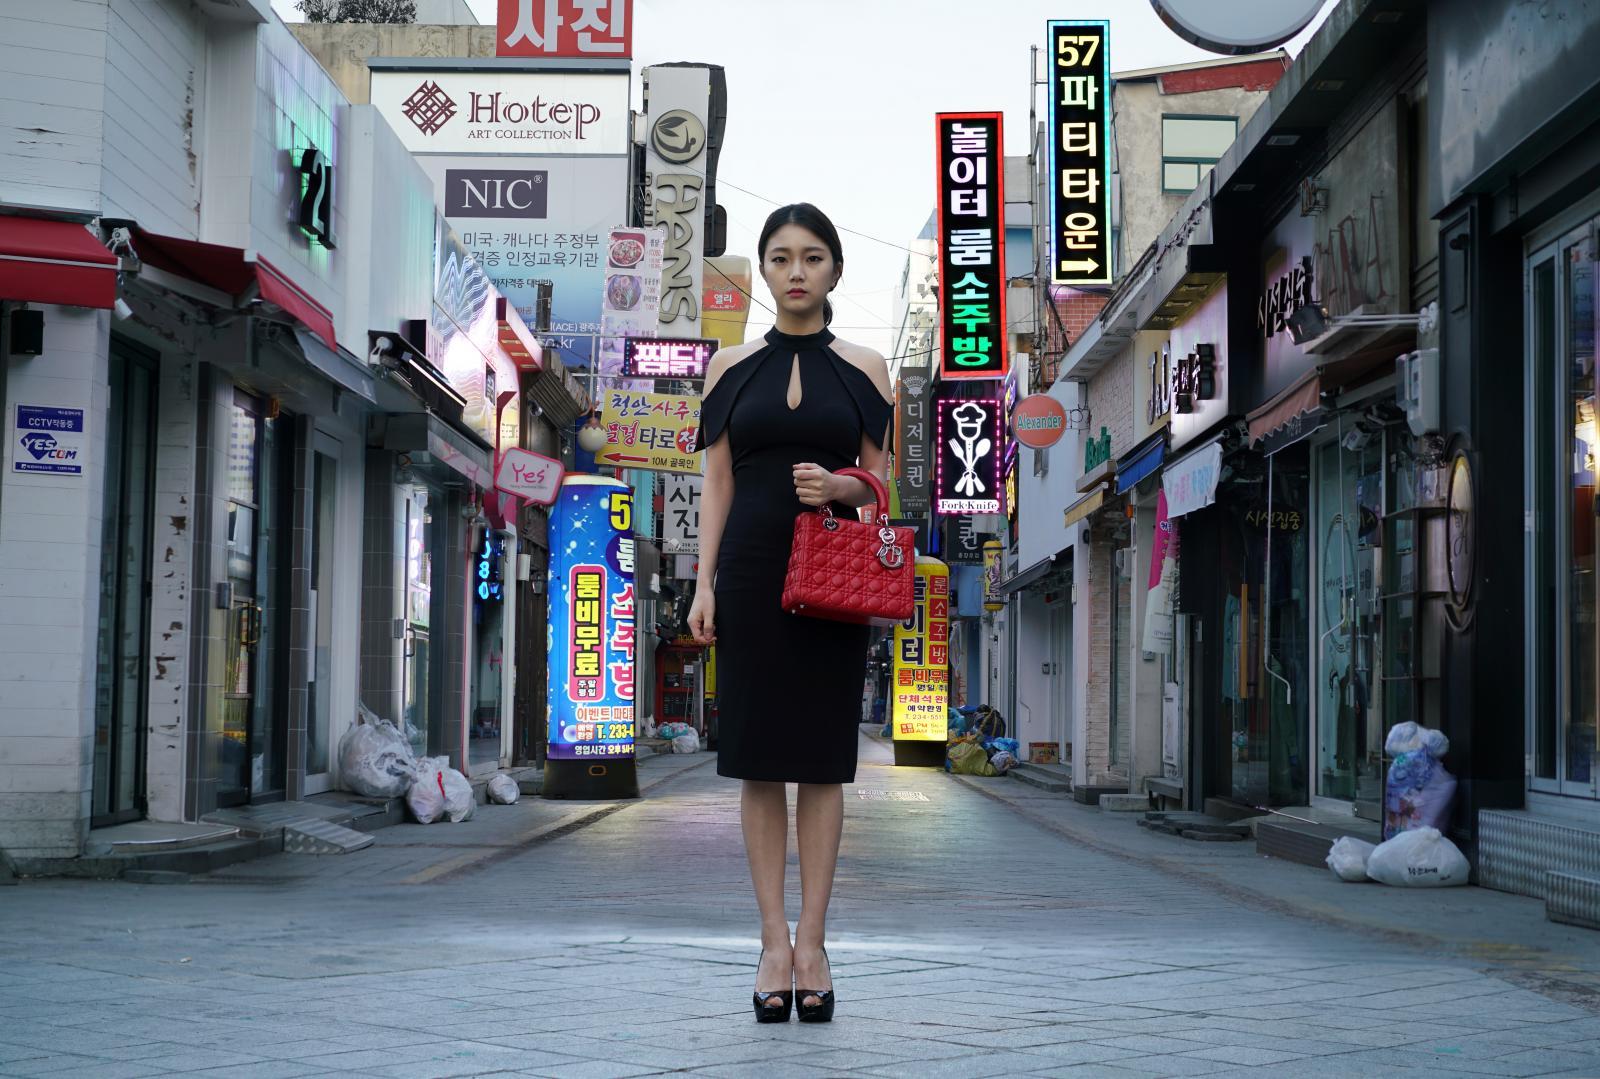 Chica coreana con un bolso de Dior en una calle de prostitución encubierta